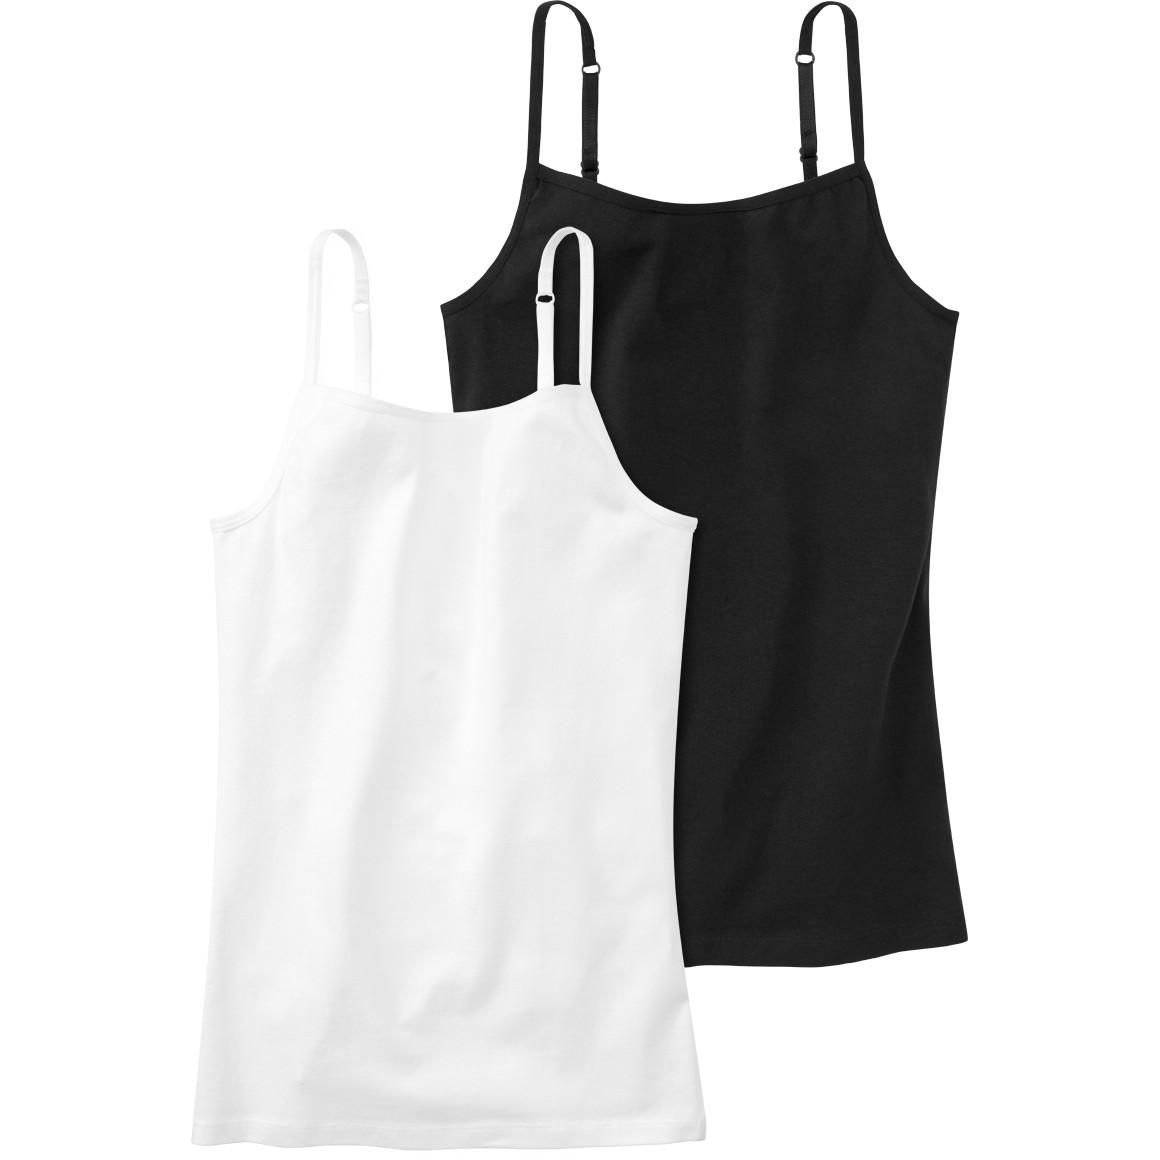 2 Mädchen Unterhemden im Set